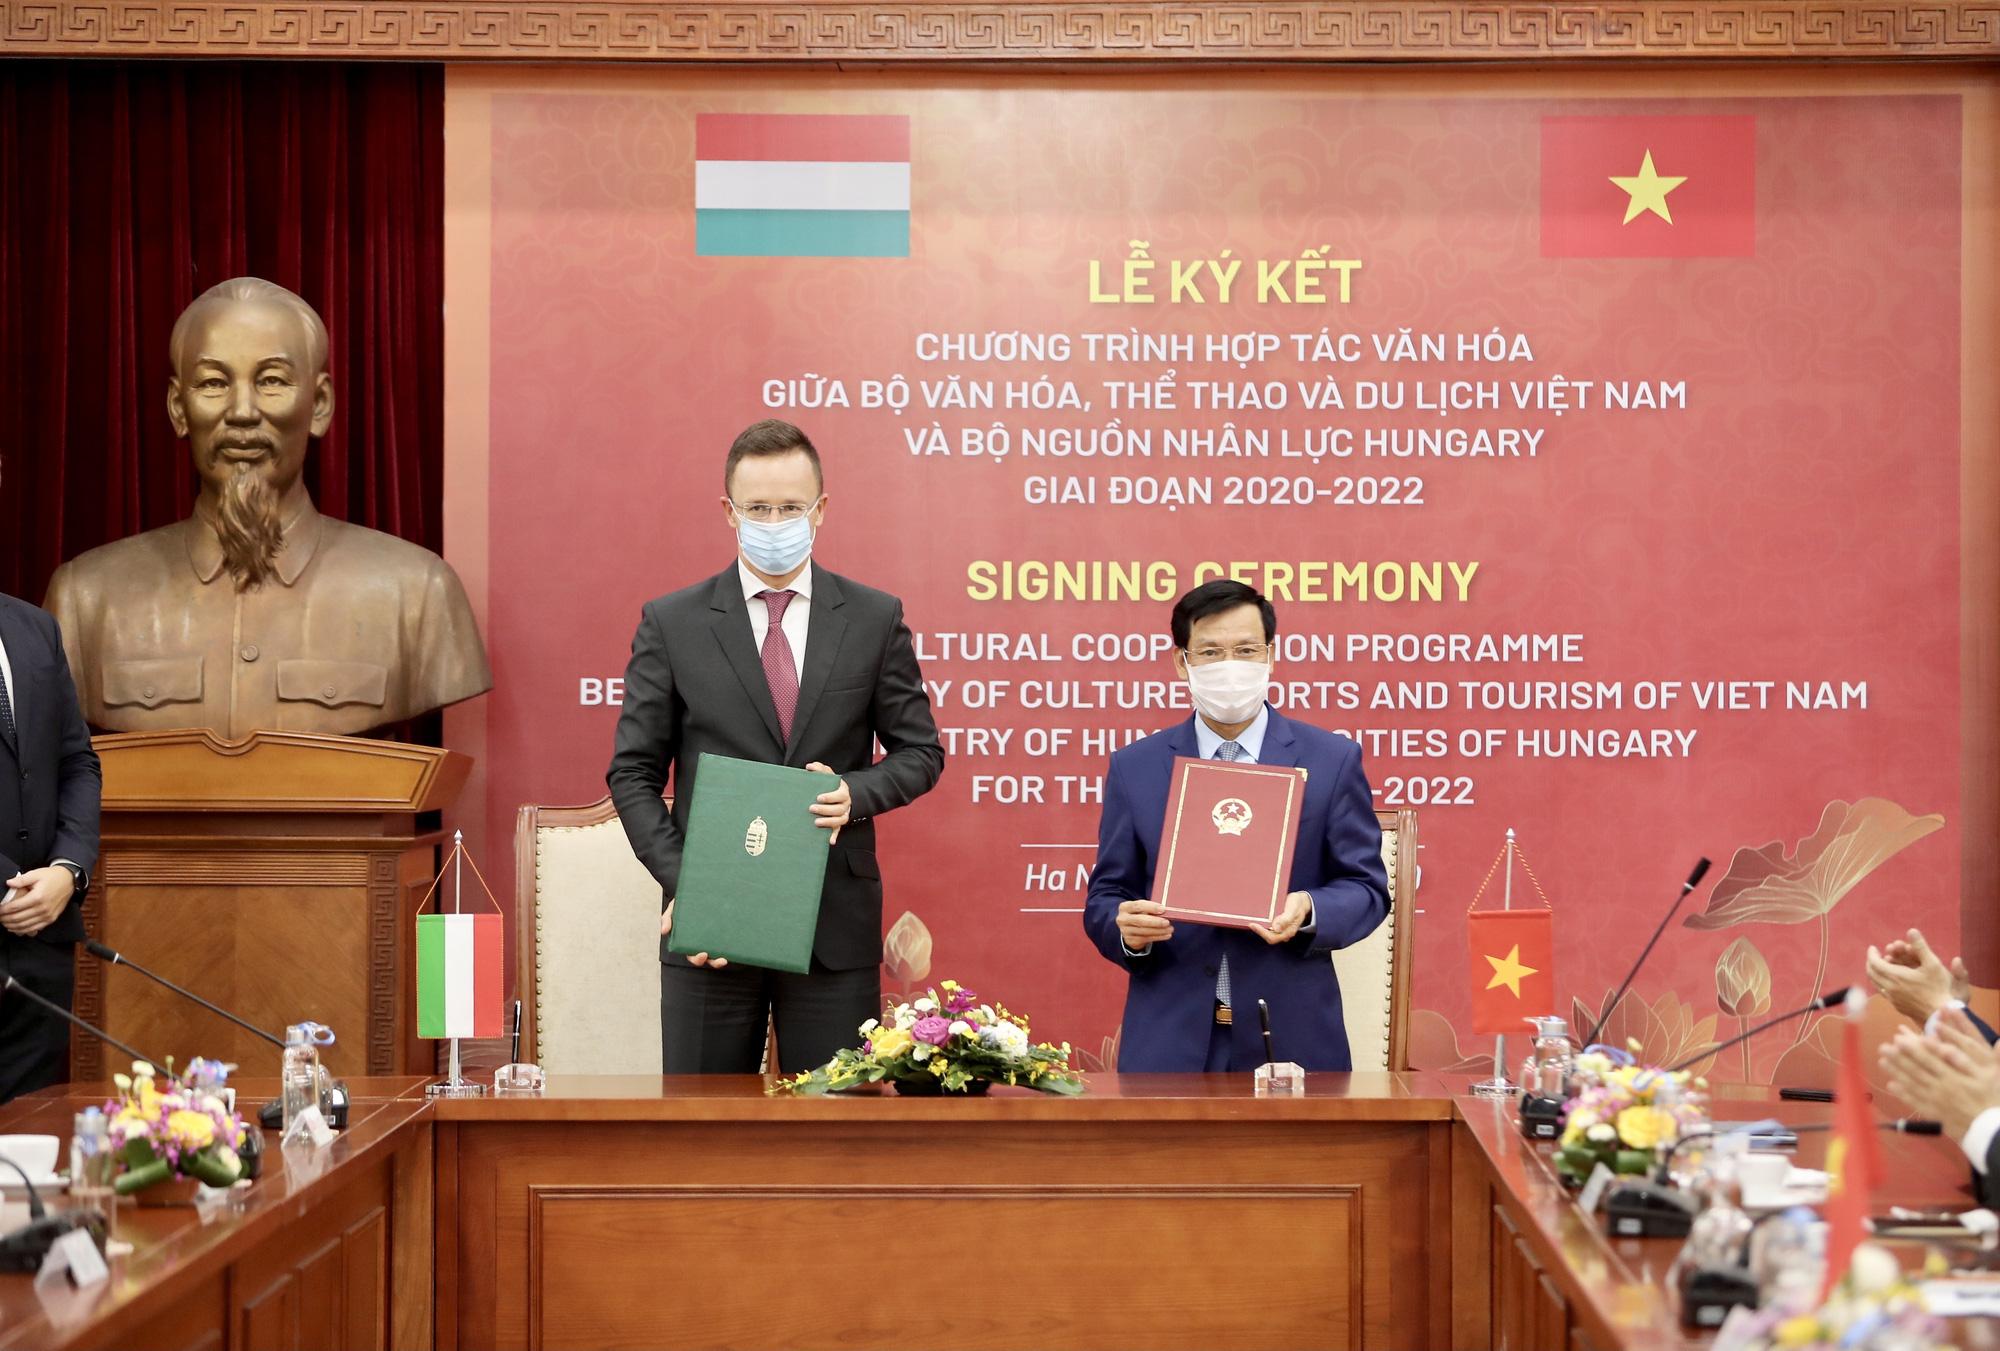 Việt Nam- Hungary ký kết hợp tác văn hóa, thể thao, du lịch giai đoạn 2020-2022 - Ảnh 2.